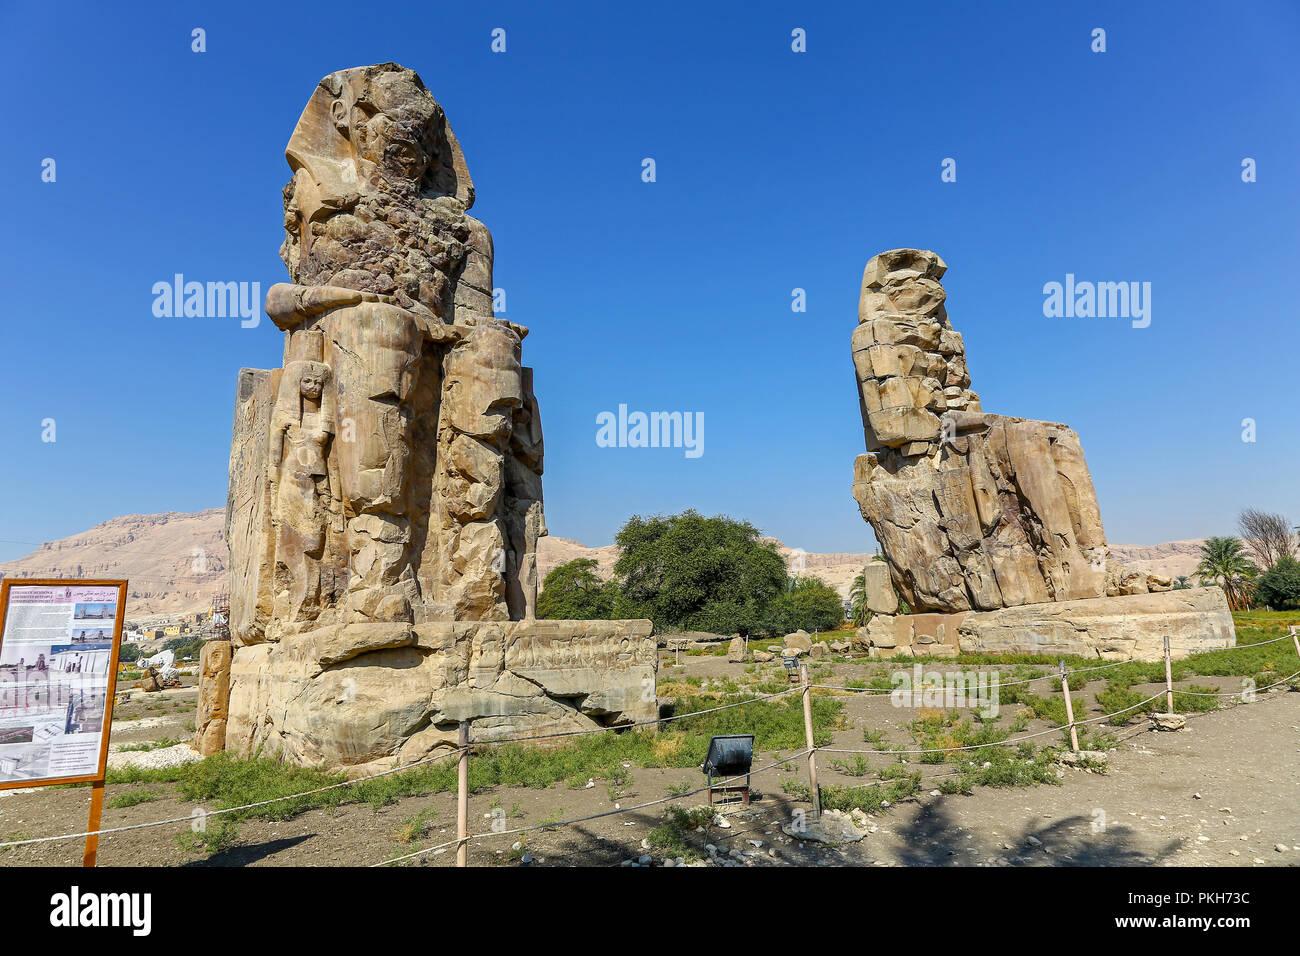 Los Colosos de Memnon, dos enormes estatuas de piedra del faraón Amenhotep III en la necrópolis tebana en Luxor, Egipto, África Imagen De Stock